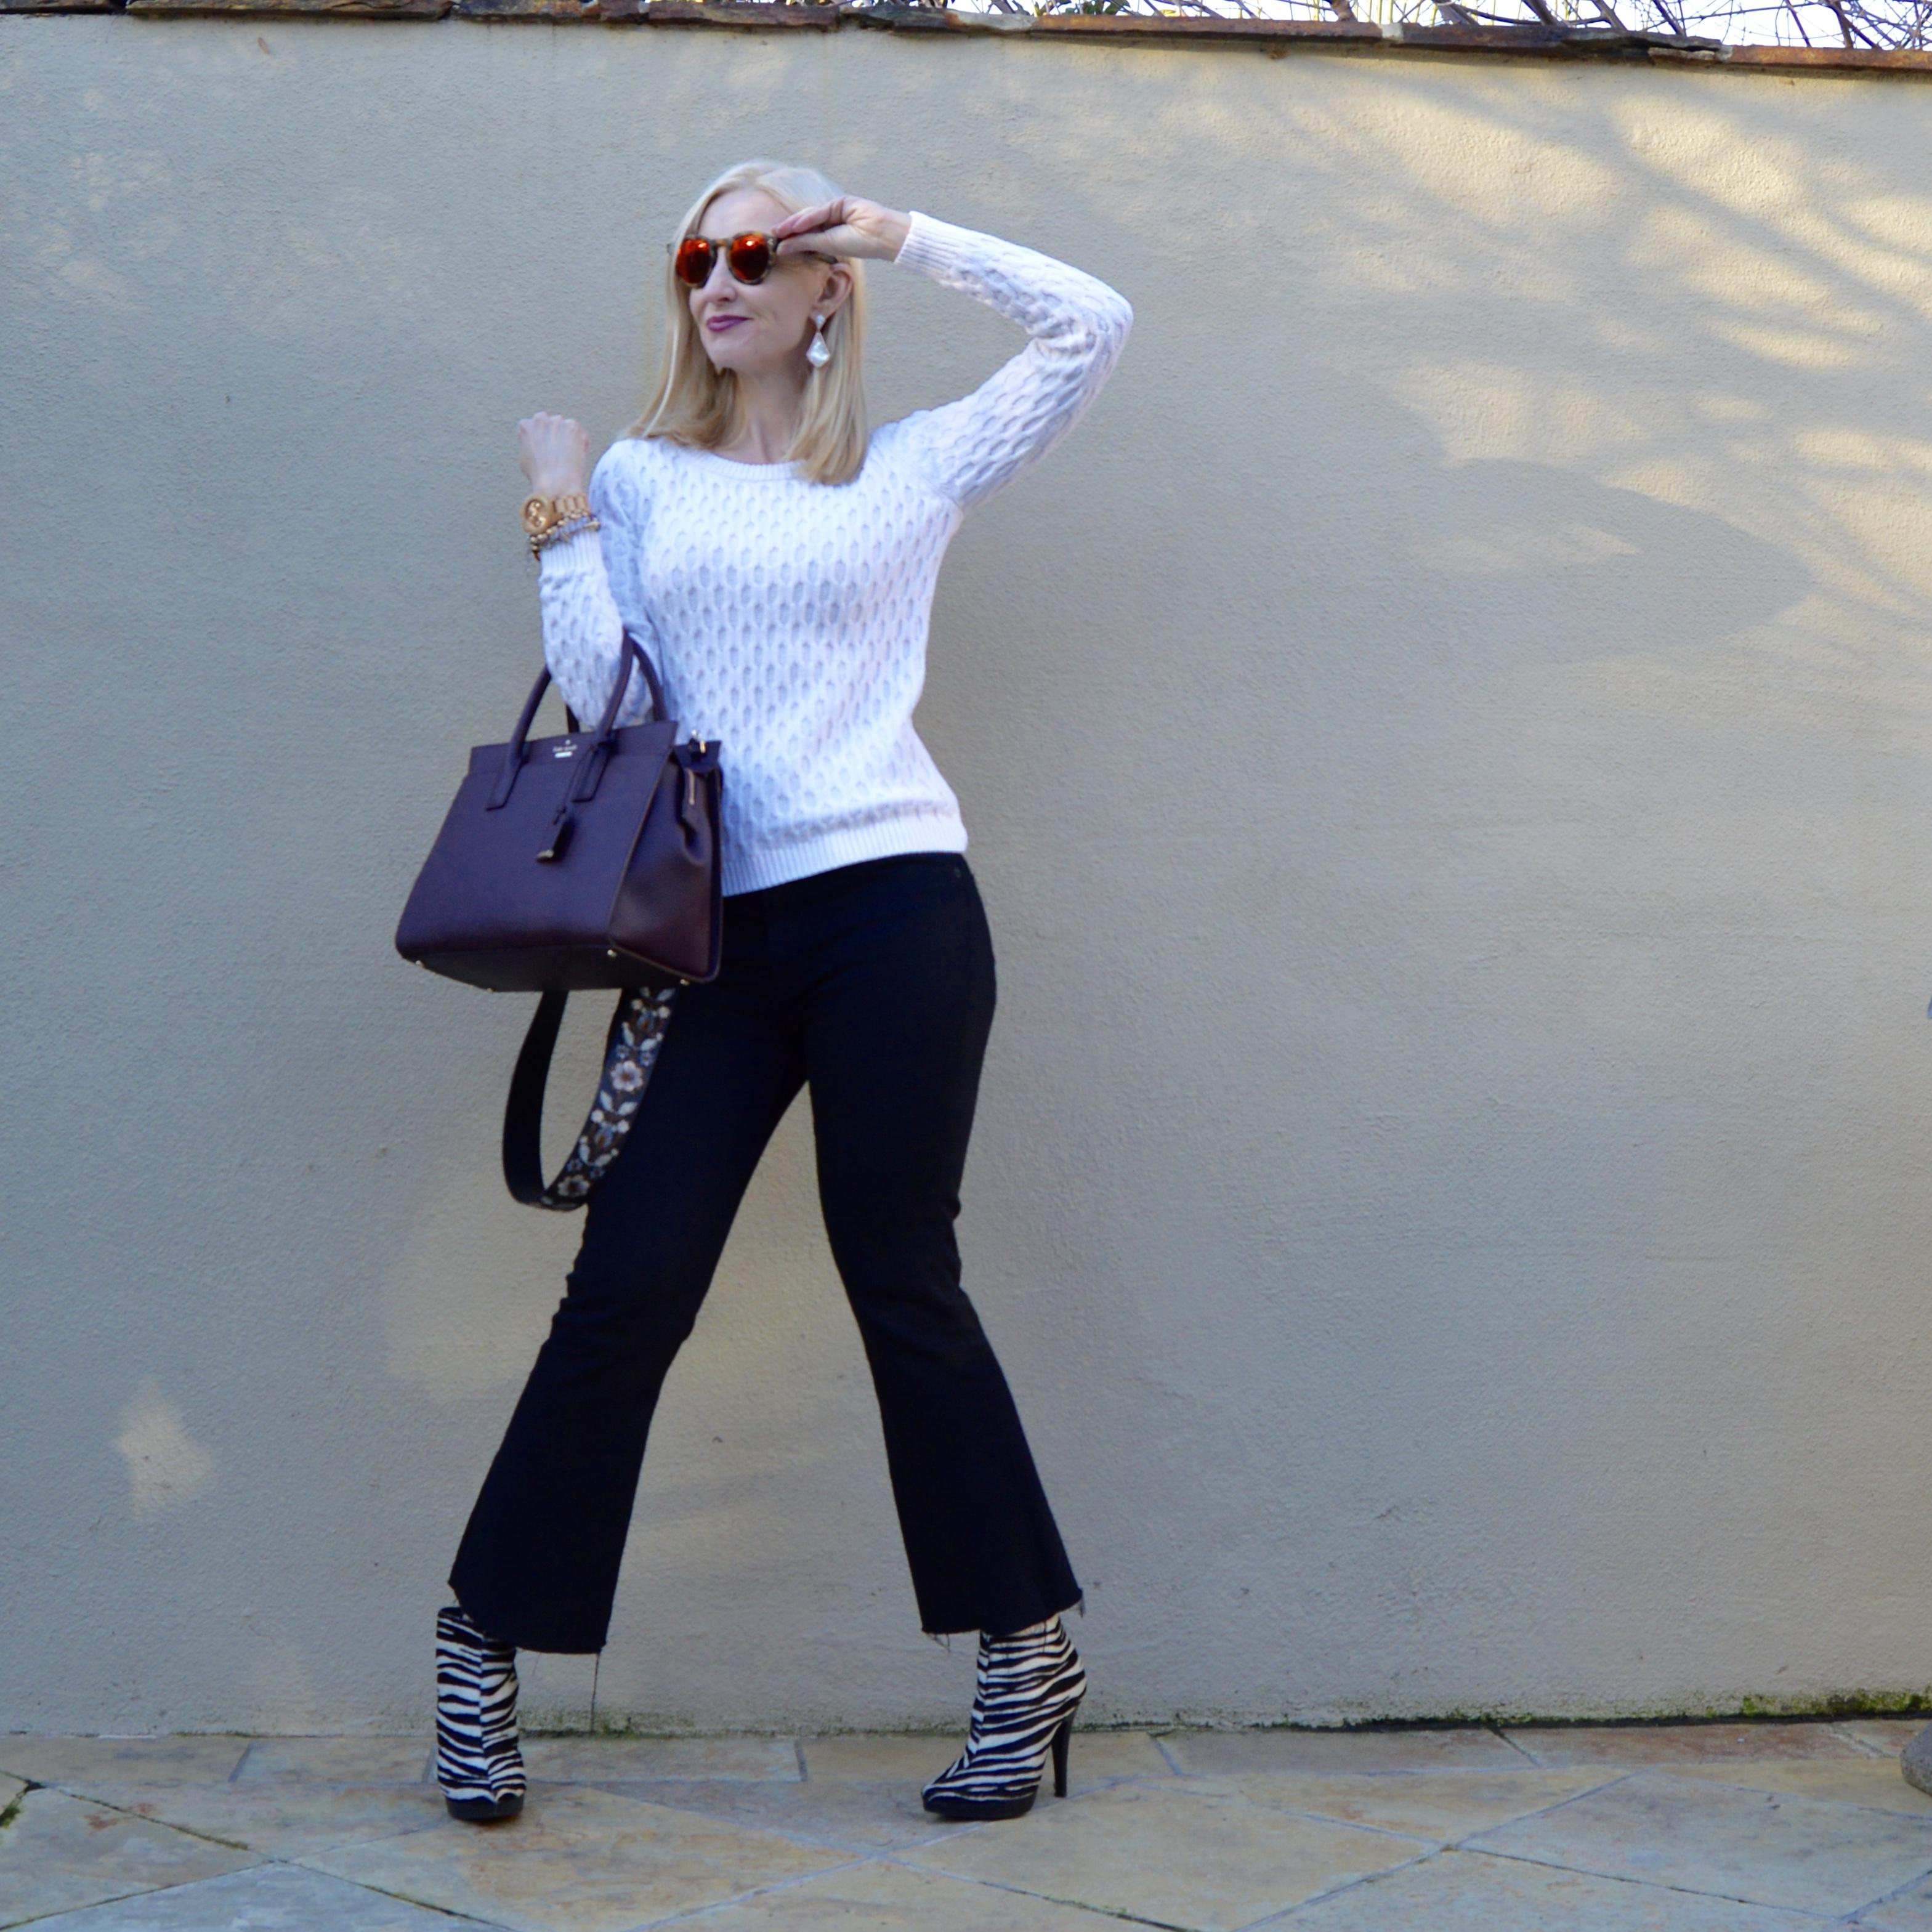 wearing trends over 40, guitar strap, zebra booties